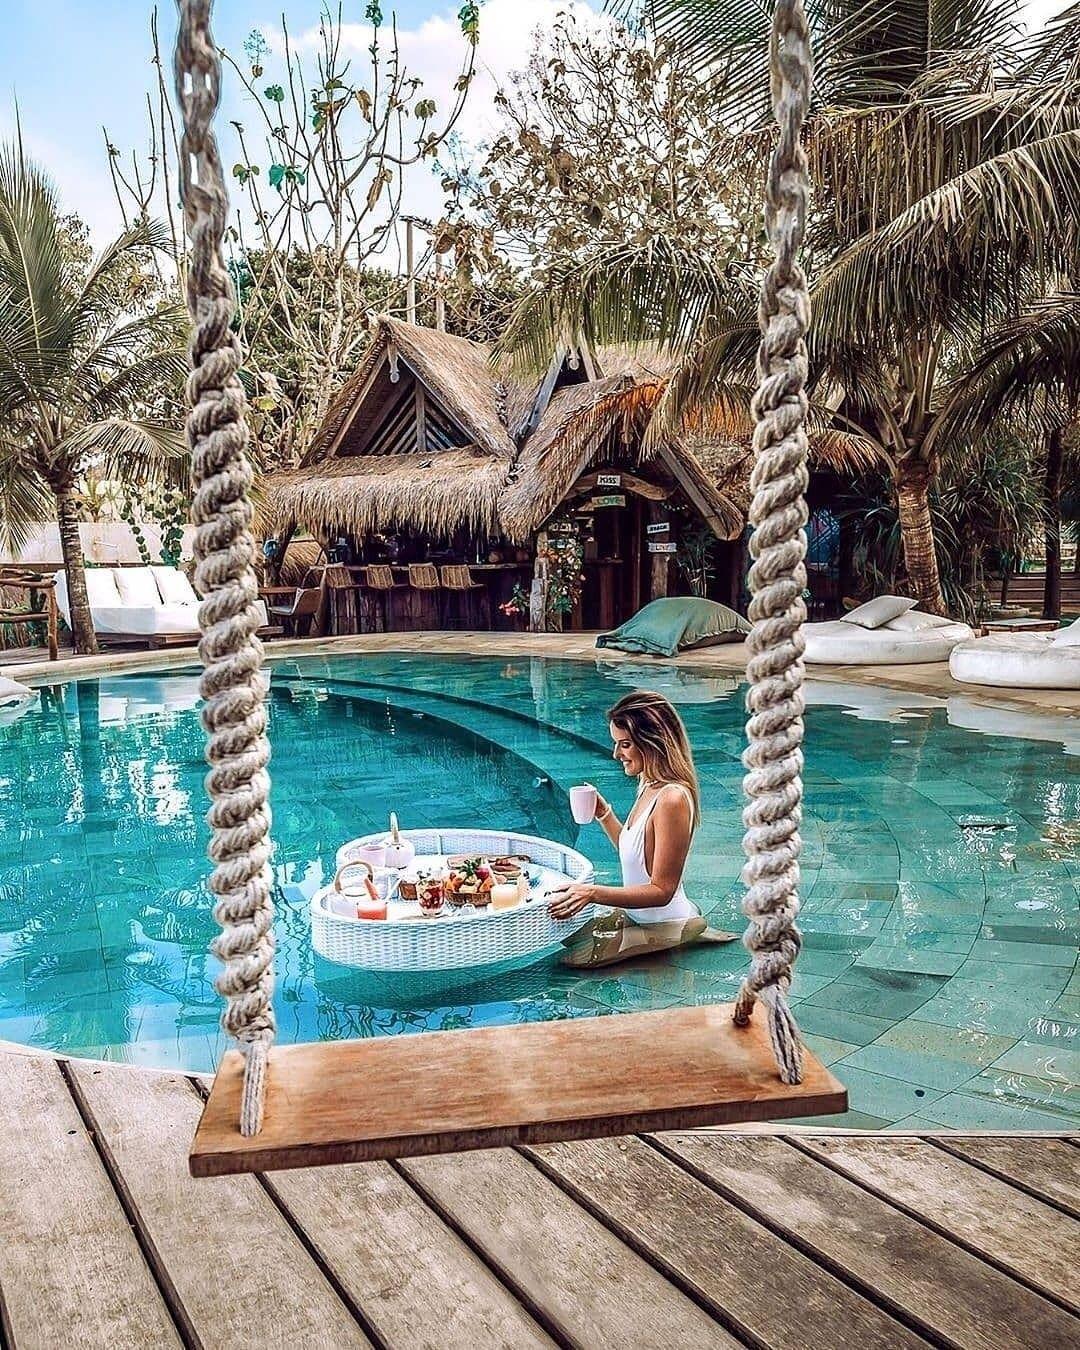 Epingle Sur Balinese Culture